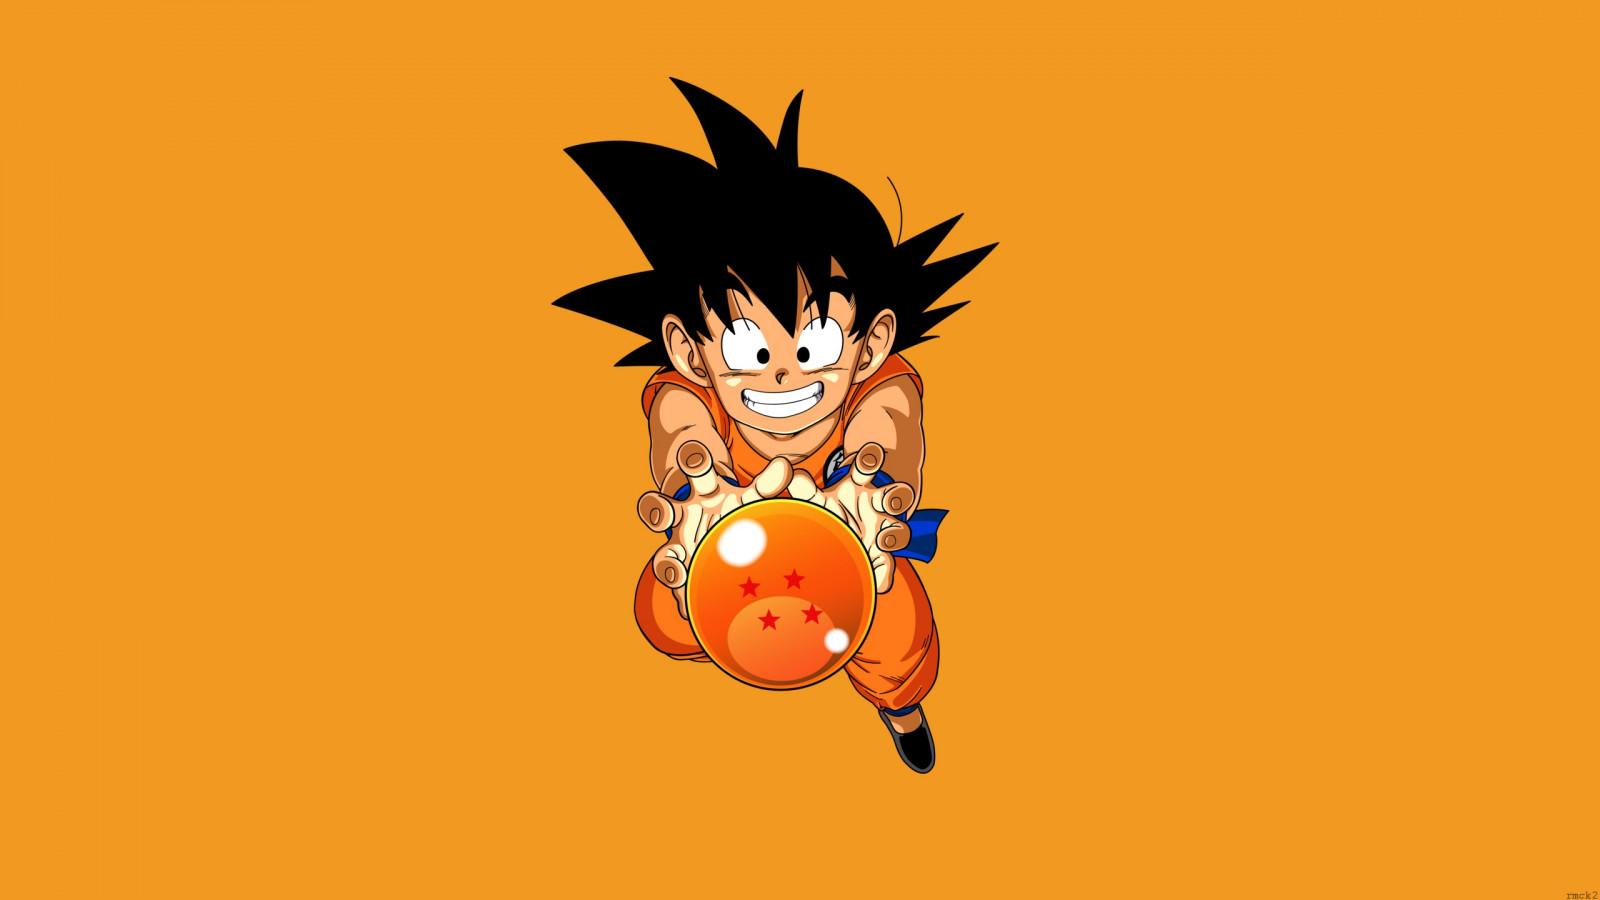 Fondos De Pantalla : Ilustración, Anime, Dibujos Animados